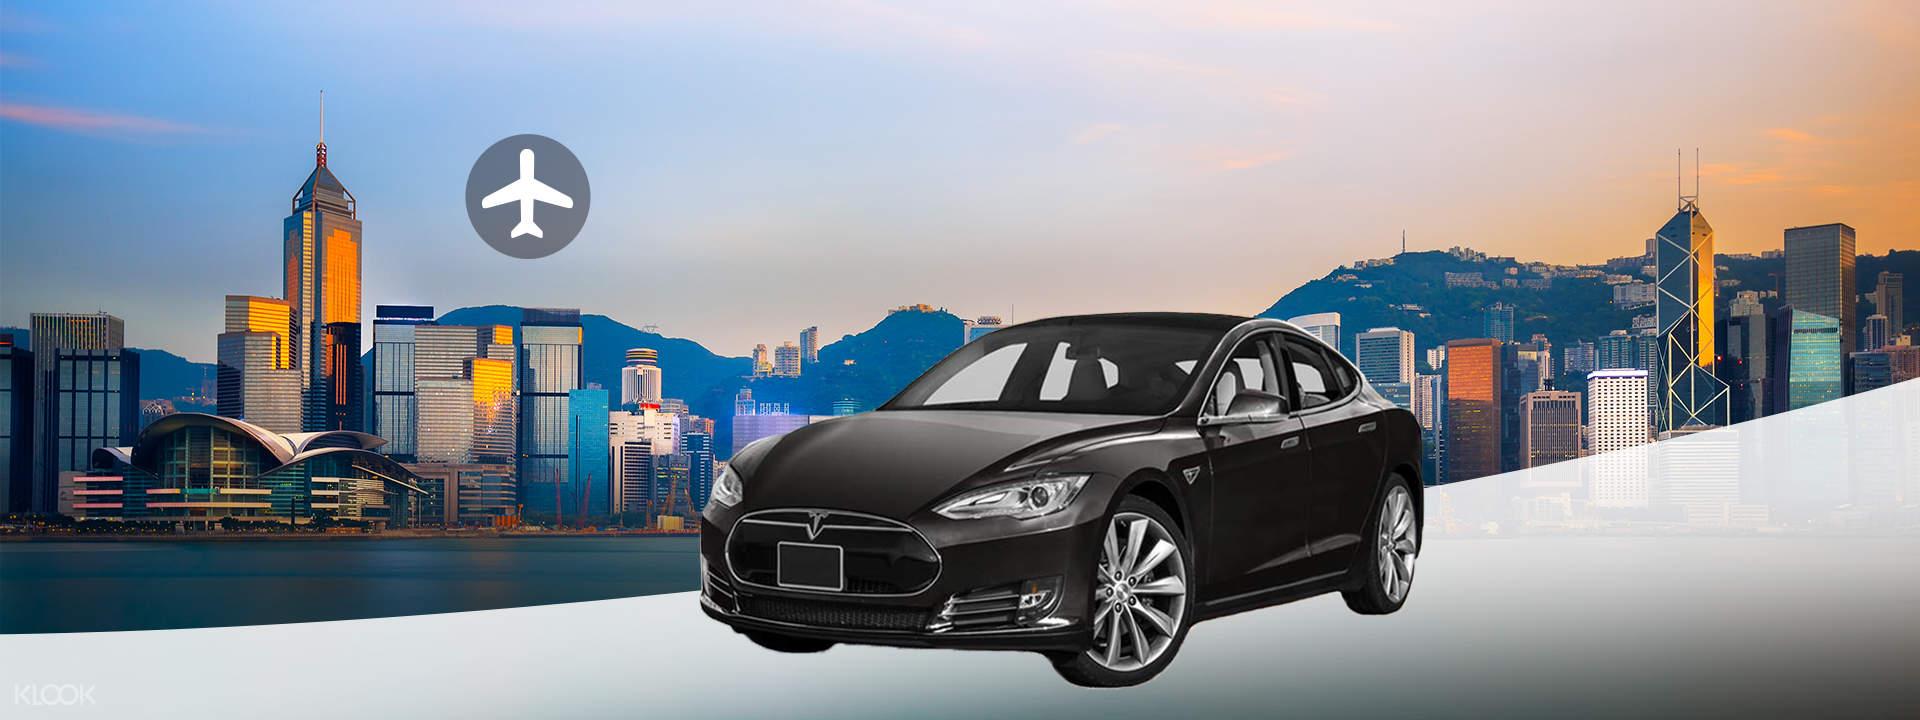 Tesla Hong Kong Airport Transfers (3 Pax) for Hong Kong